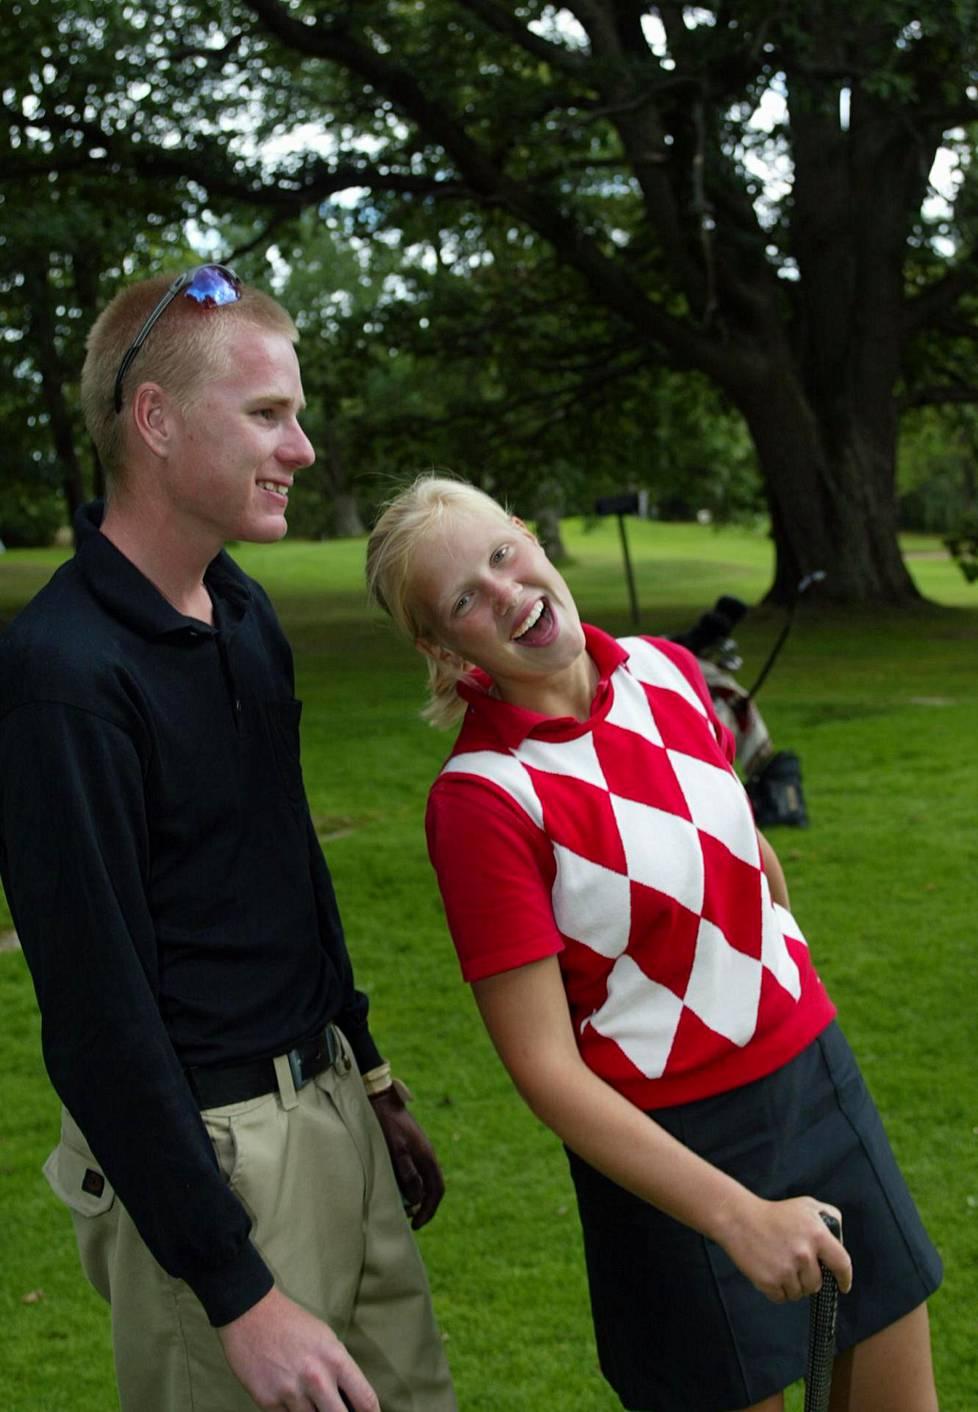 Nuoret golfaajat Roope Kakko ja Minea Blomqvist Talin golfkentällä elokuussa 2002. Myöhemmin heistä tuli aviopari.